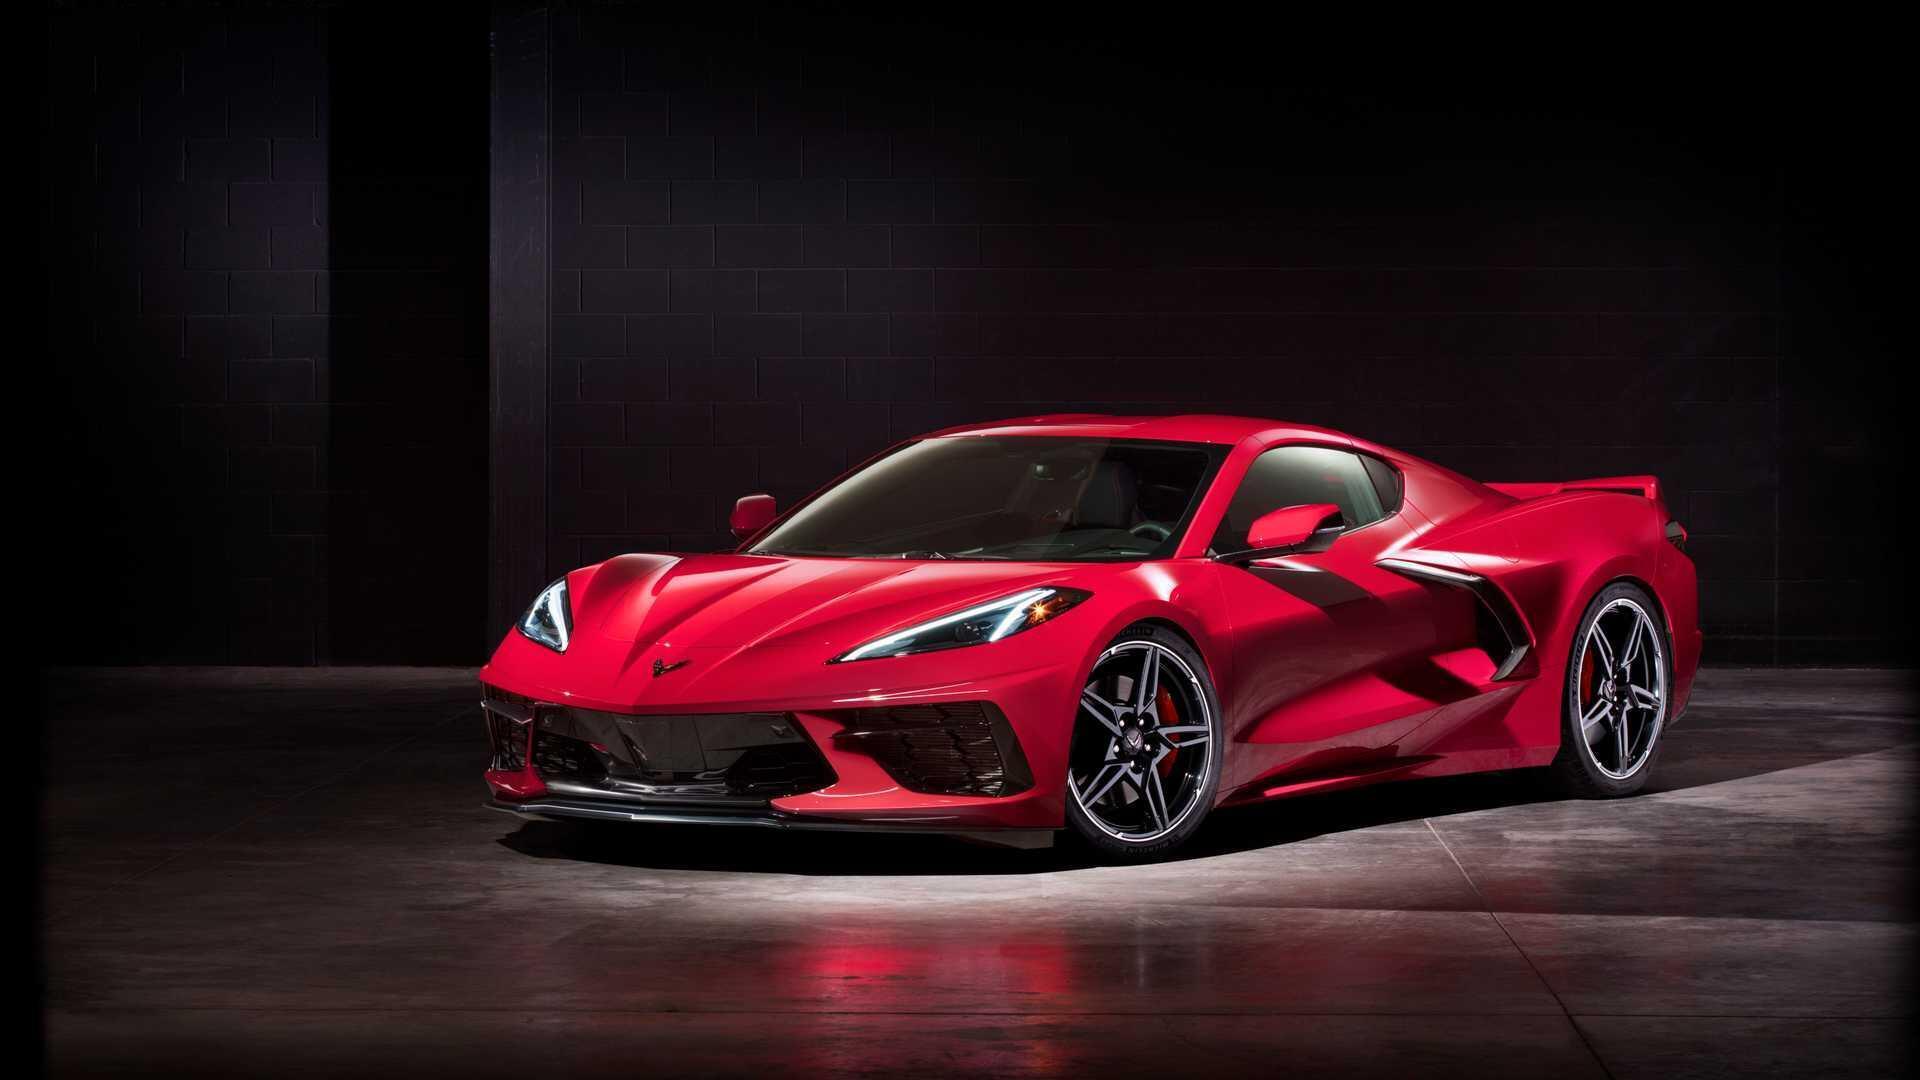 https://cdn.dailyxe.com.vn/image/chevrolet-corvette-2020-co-mot-so-tinh-nang-an-tuyet-voi-49-94558j2.jpg